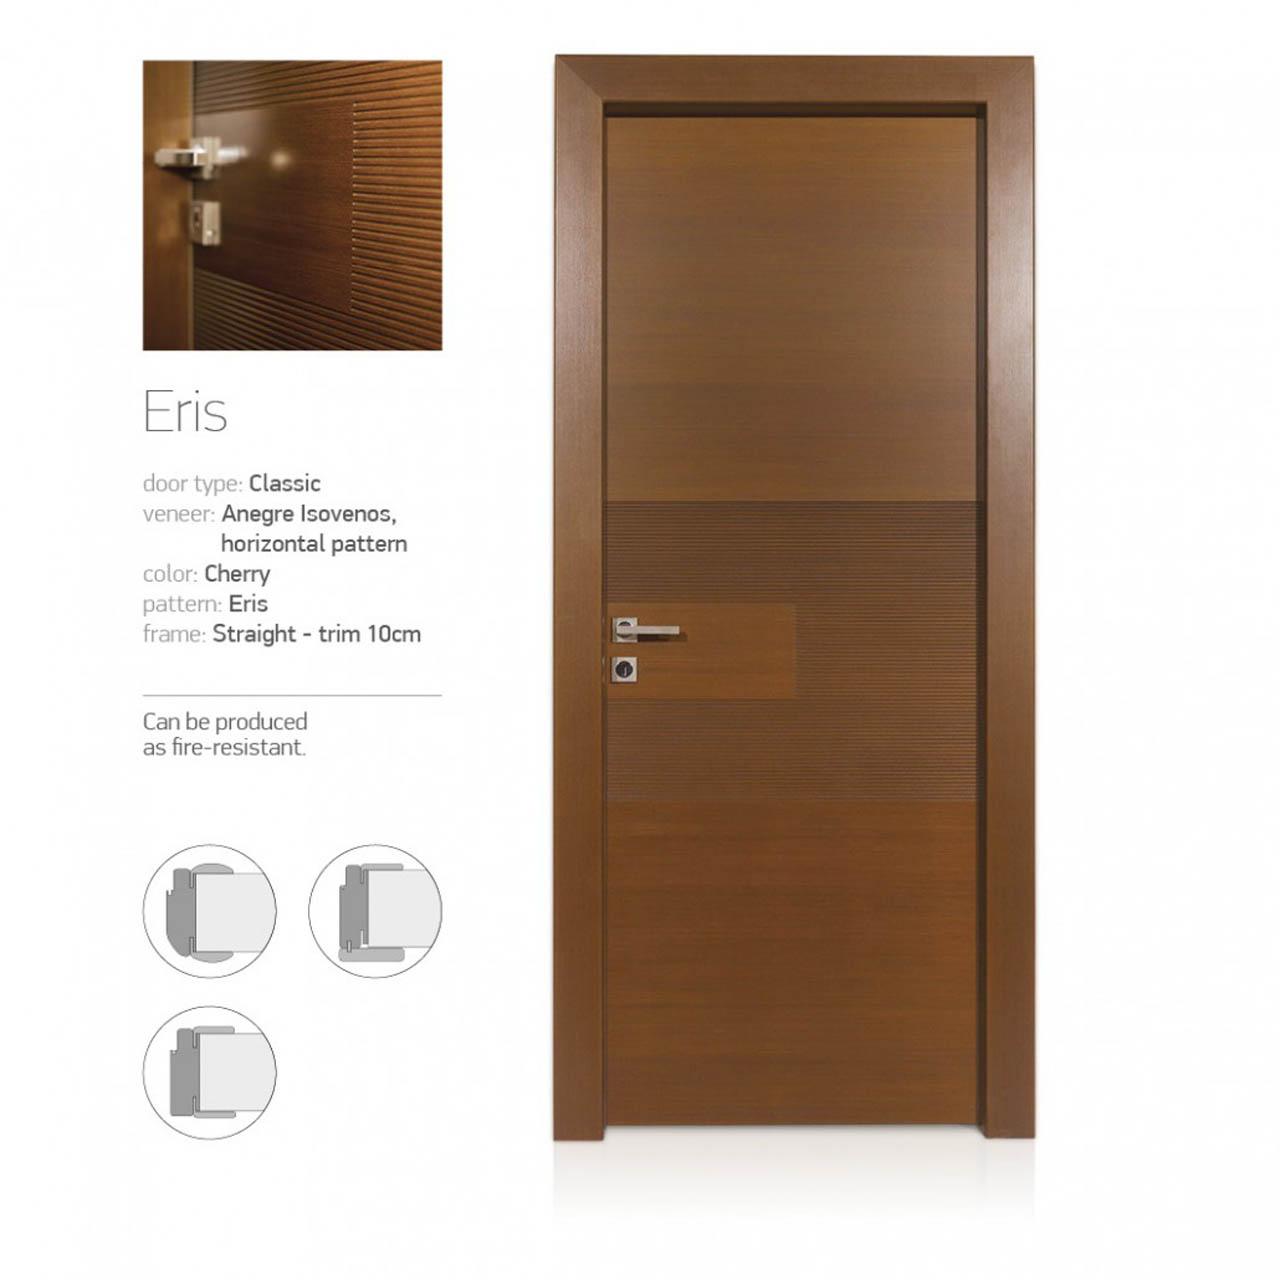 portes-site-classic-eng10-1030x1030